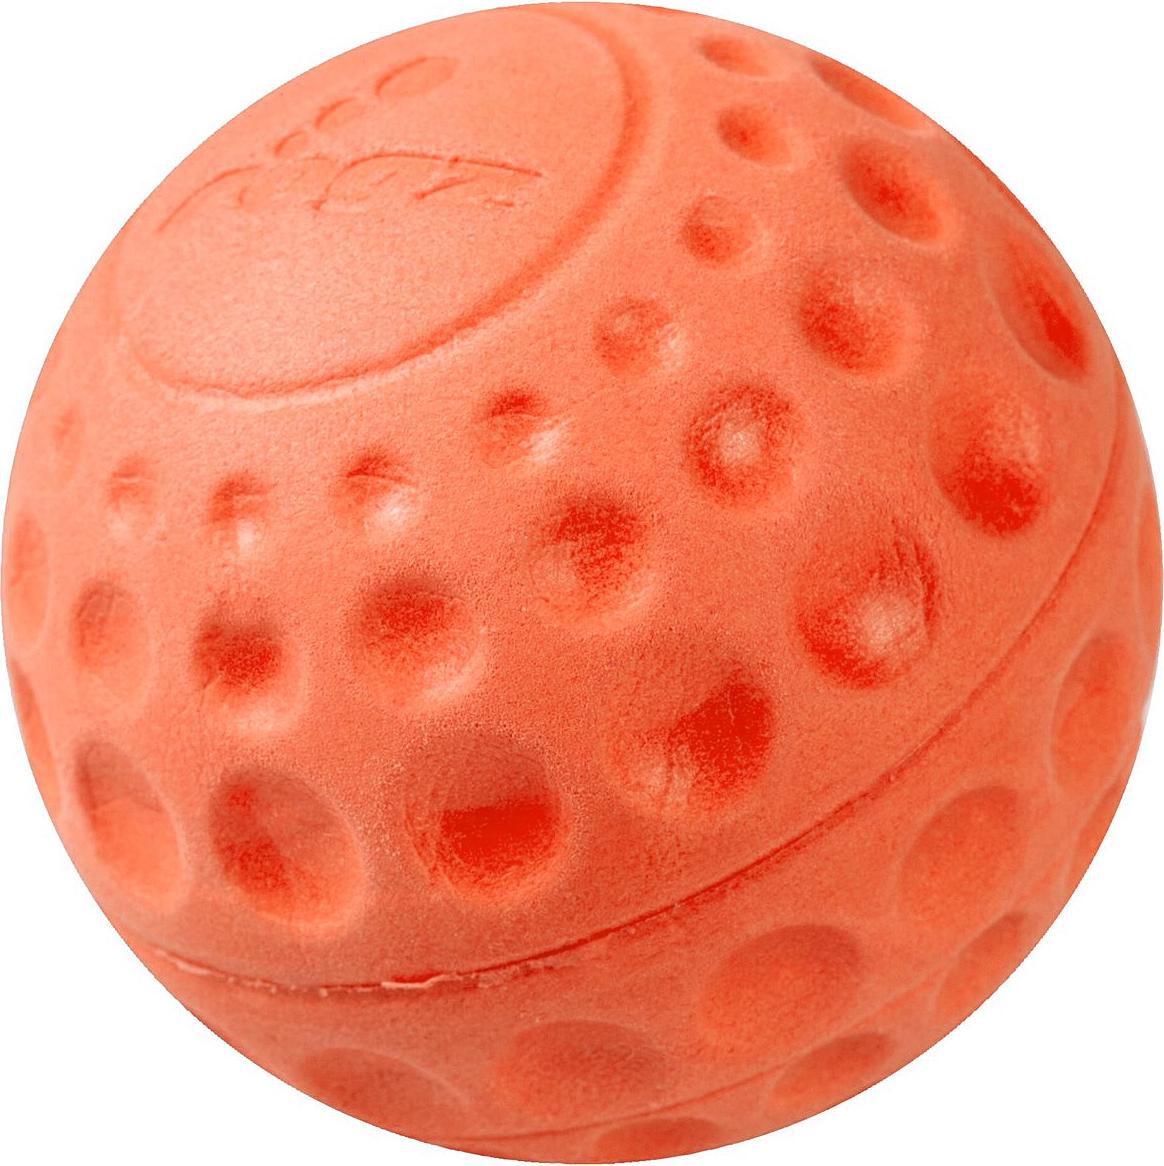 Игрушка для собак Rogz Asteroidz, цвет: оранжевый, диаметр 7,8 смAS04DМяч для собак Rogz Asteroidz предназначен для игры с хозяином Принеси.Мяч имеет небольшой вес, не травмирует десны, не повреждает зубы, удобно носить в пасти.Отличная упругость для подпрыгивания.Изготовлено из особого термоэластопласта Sebs, обеспечивающего великолепную плавучесть в воде, поэтому игрушка отлично подходит для игры в водоеме. Материал изделия: EVA (этиленвинилацетат) - легкий мелкопористый материал, похожий на застывшую пену.Не токсичен.